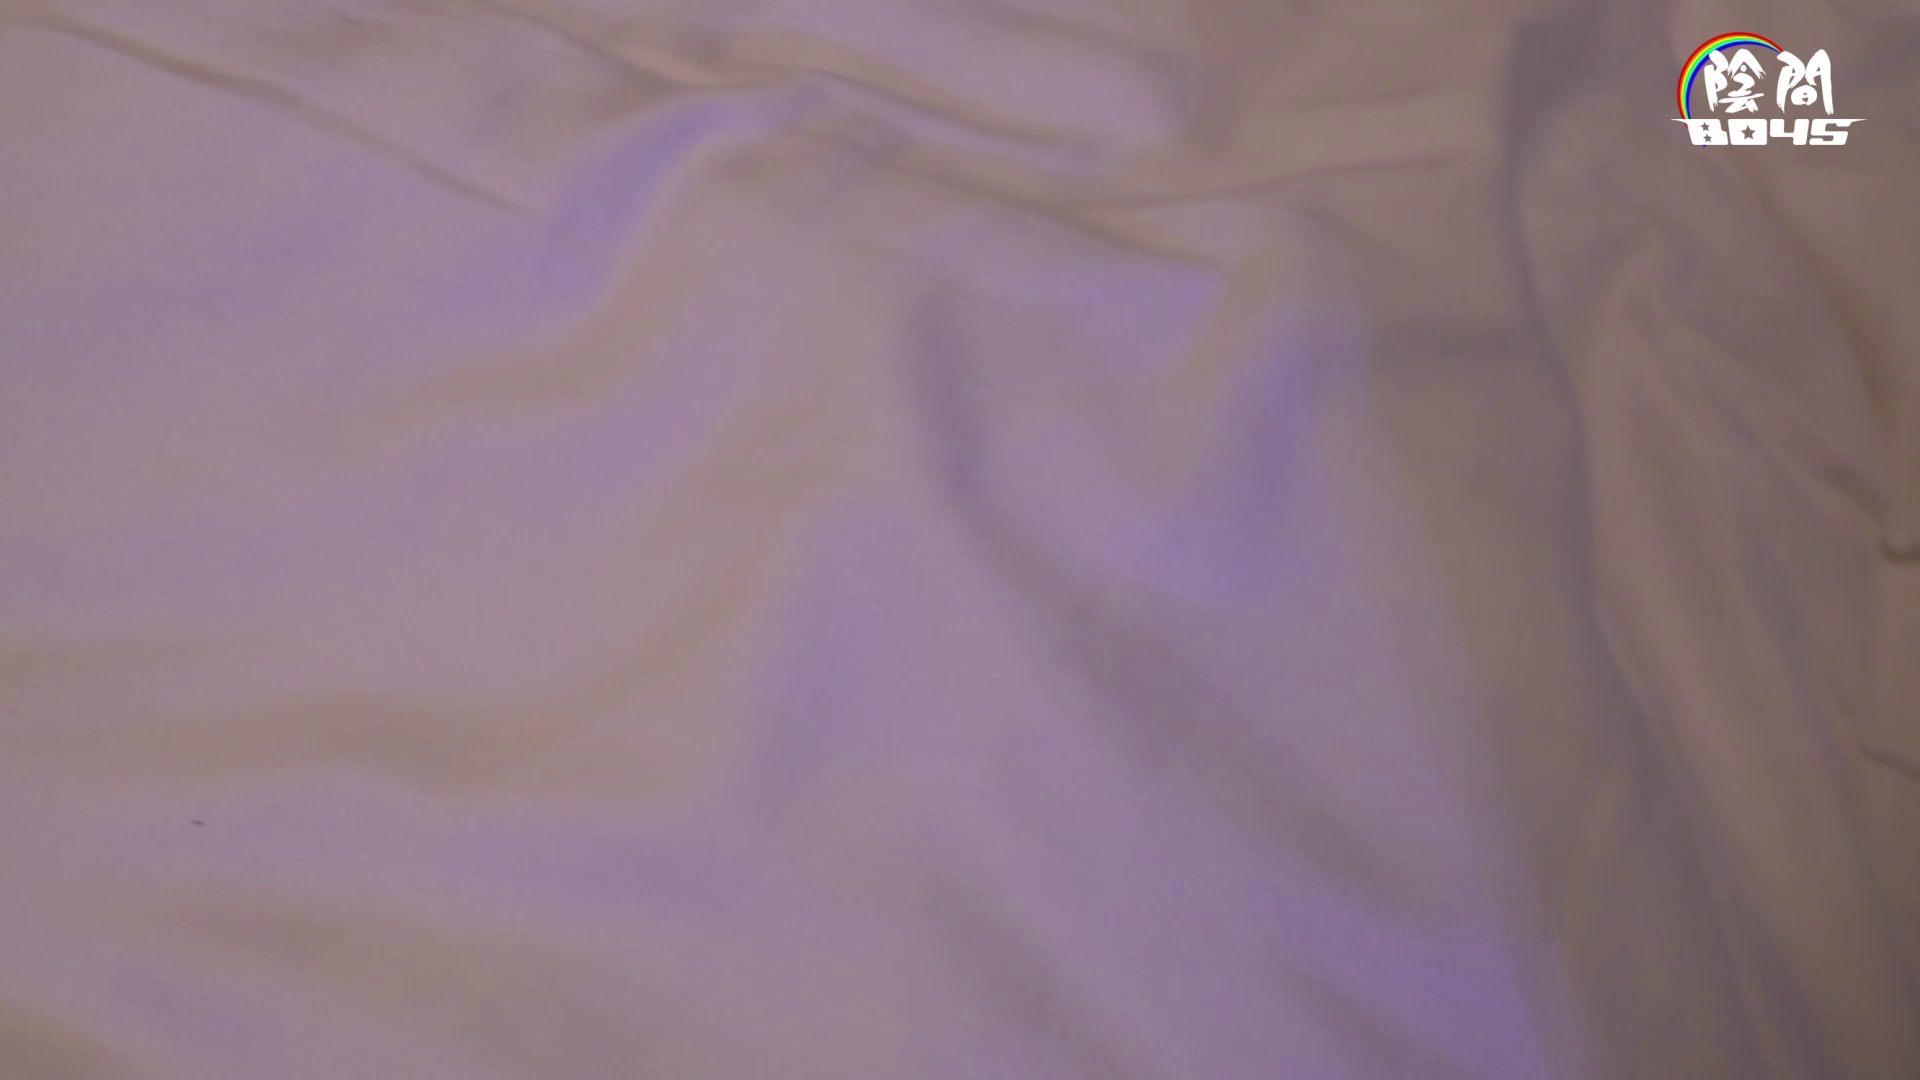 アナルで営業ワン・ツー・ スリーpart2 Vol.4 モザイク無し ゲイ無料エロ画像 89pic 75